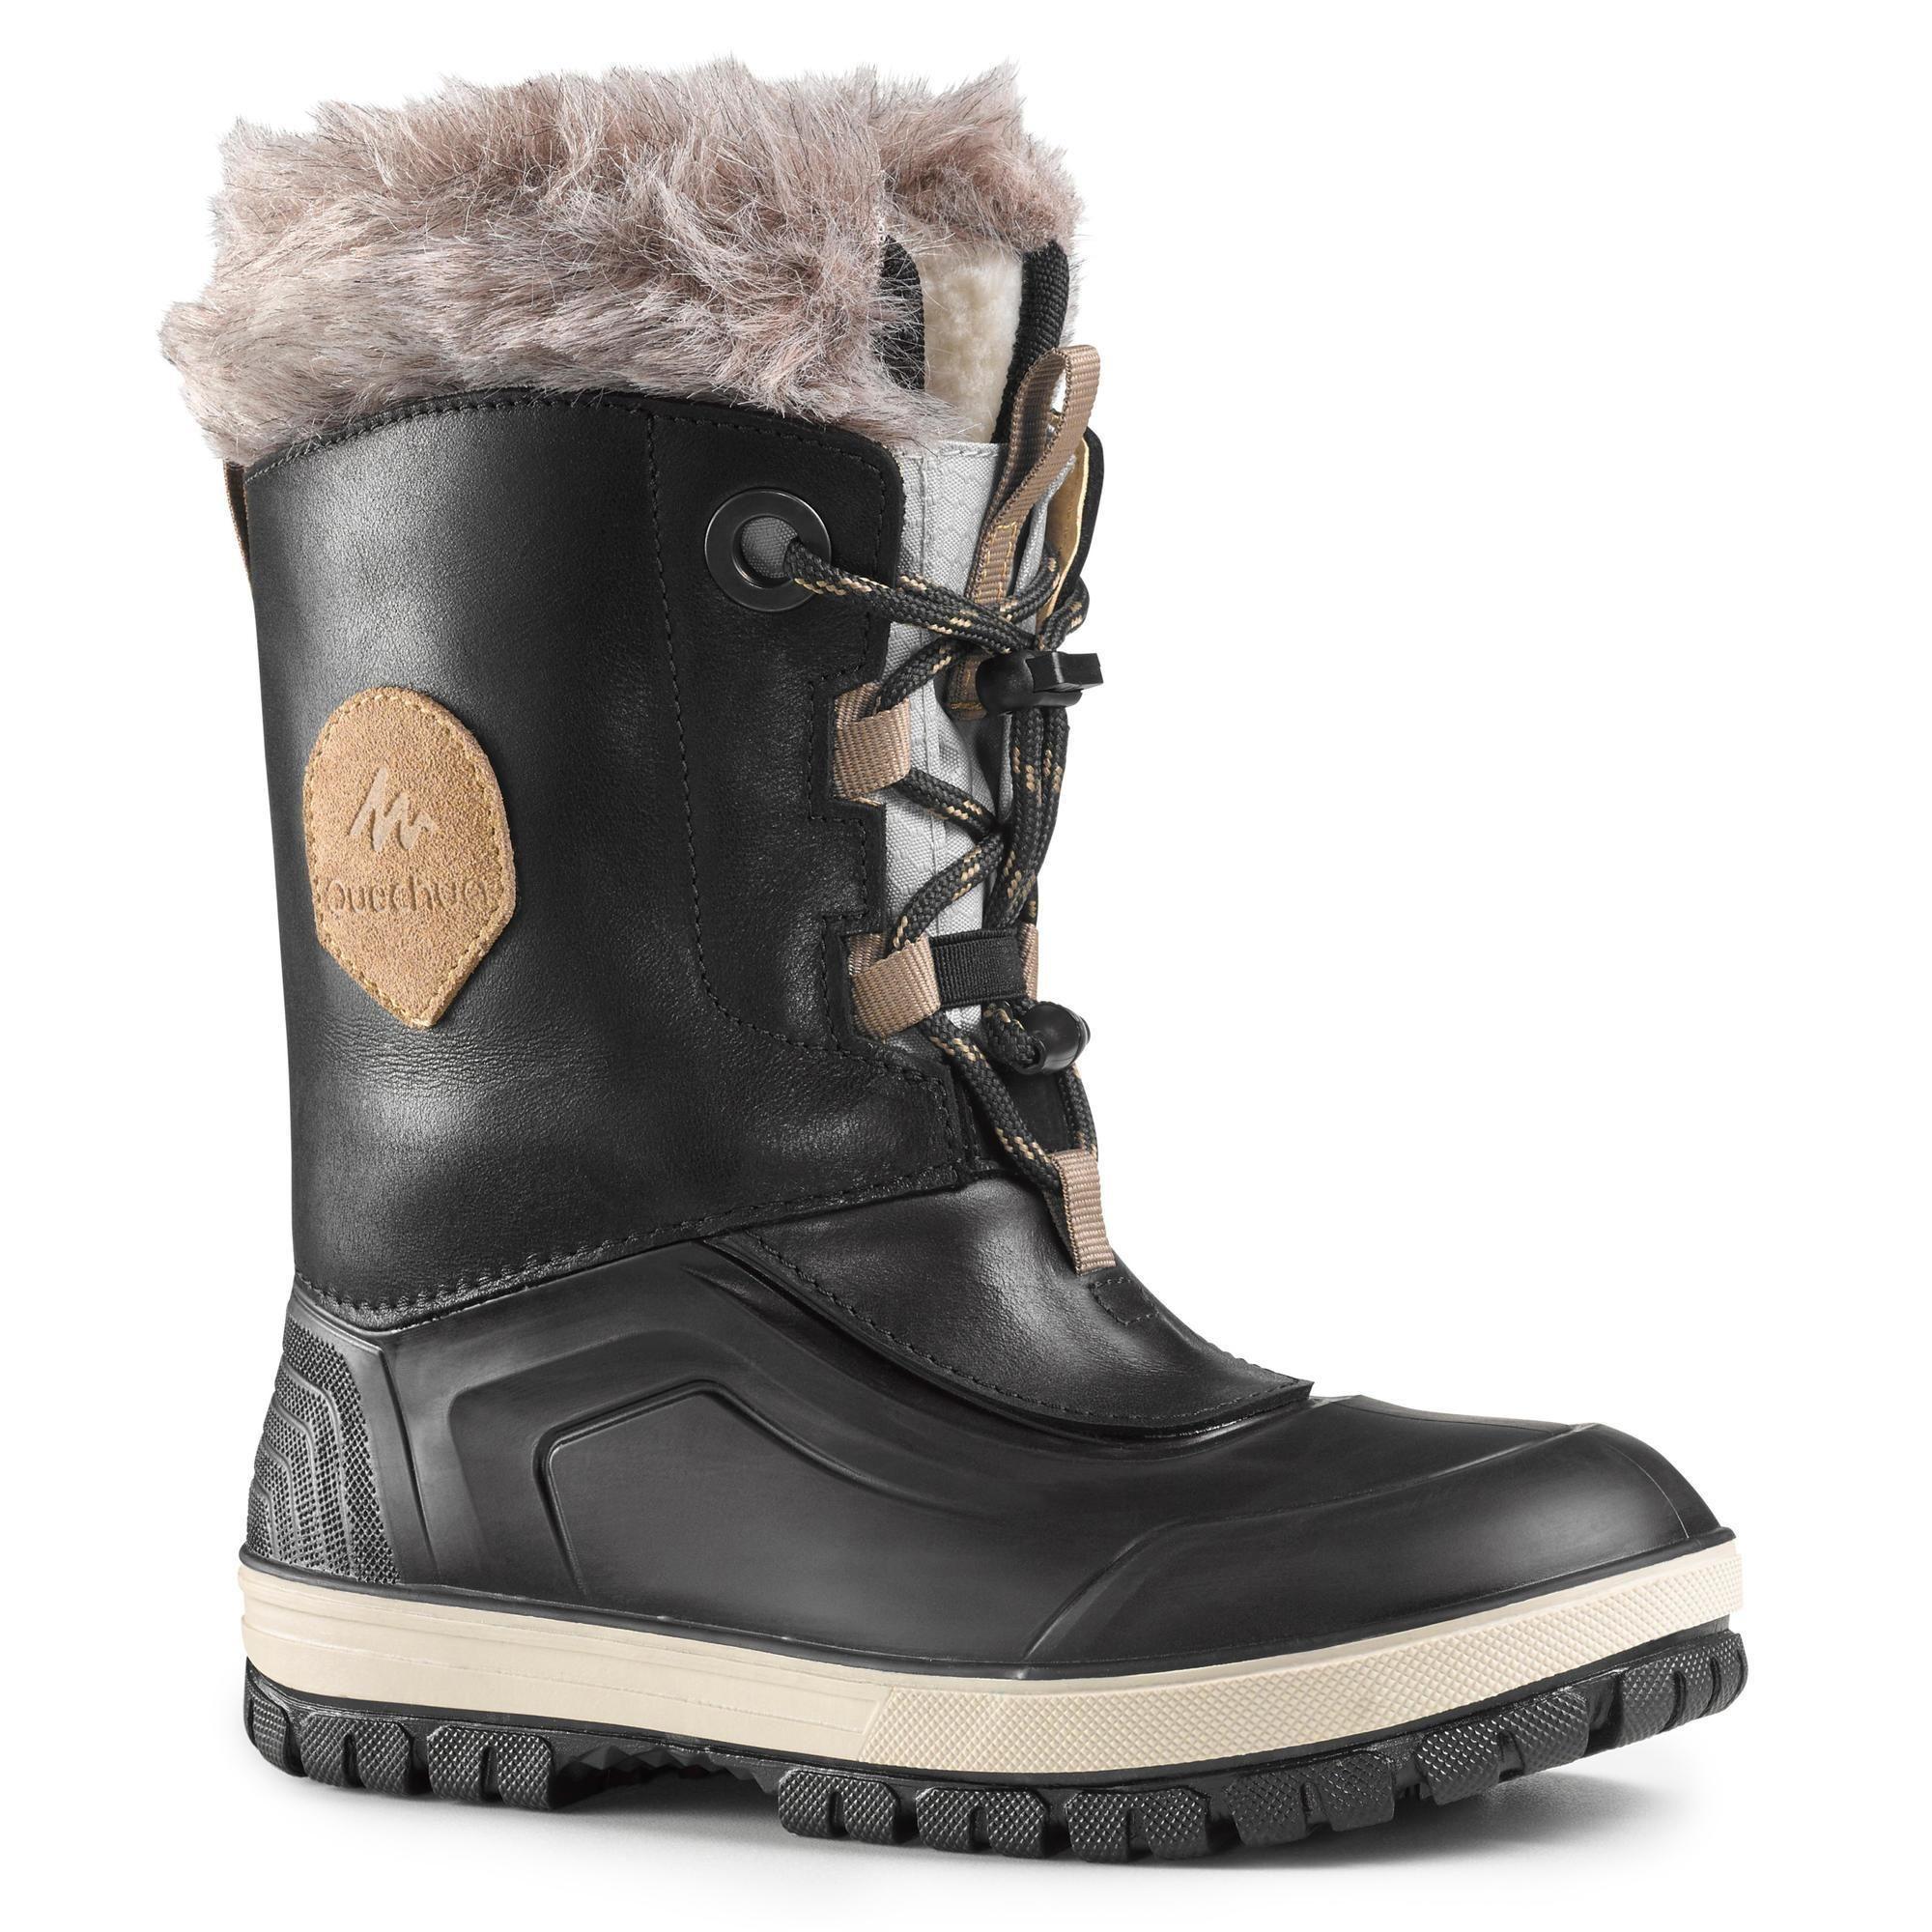 Kinder Quechua Schneestiefel Winterwandern Sh500 U Warm Wasserdicht Kinder Schwarz 03608439419386 Hiking Boots Boots Leather